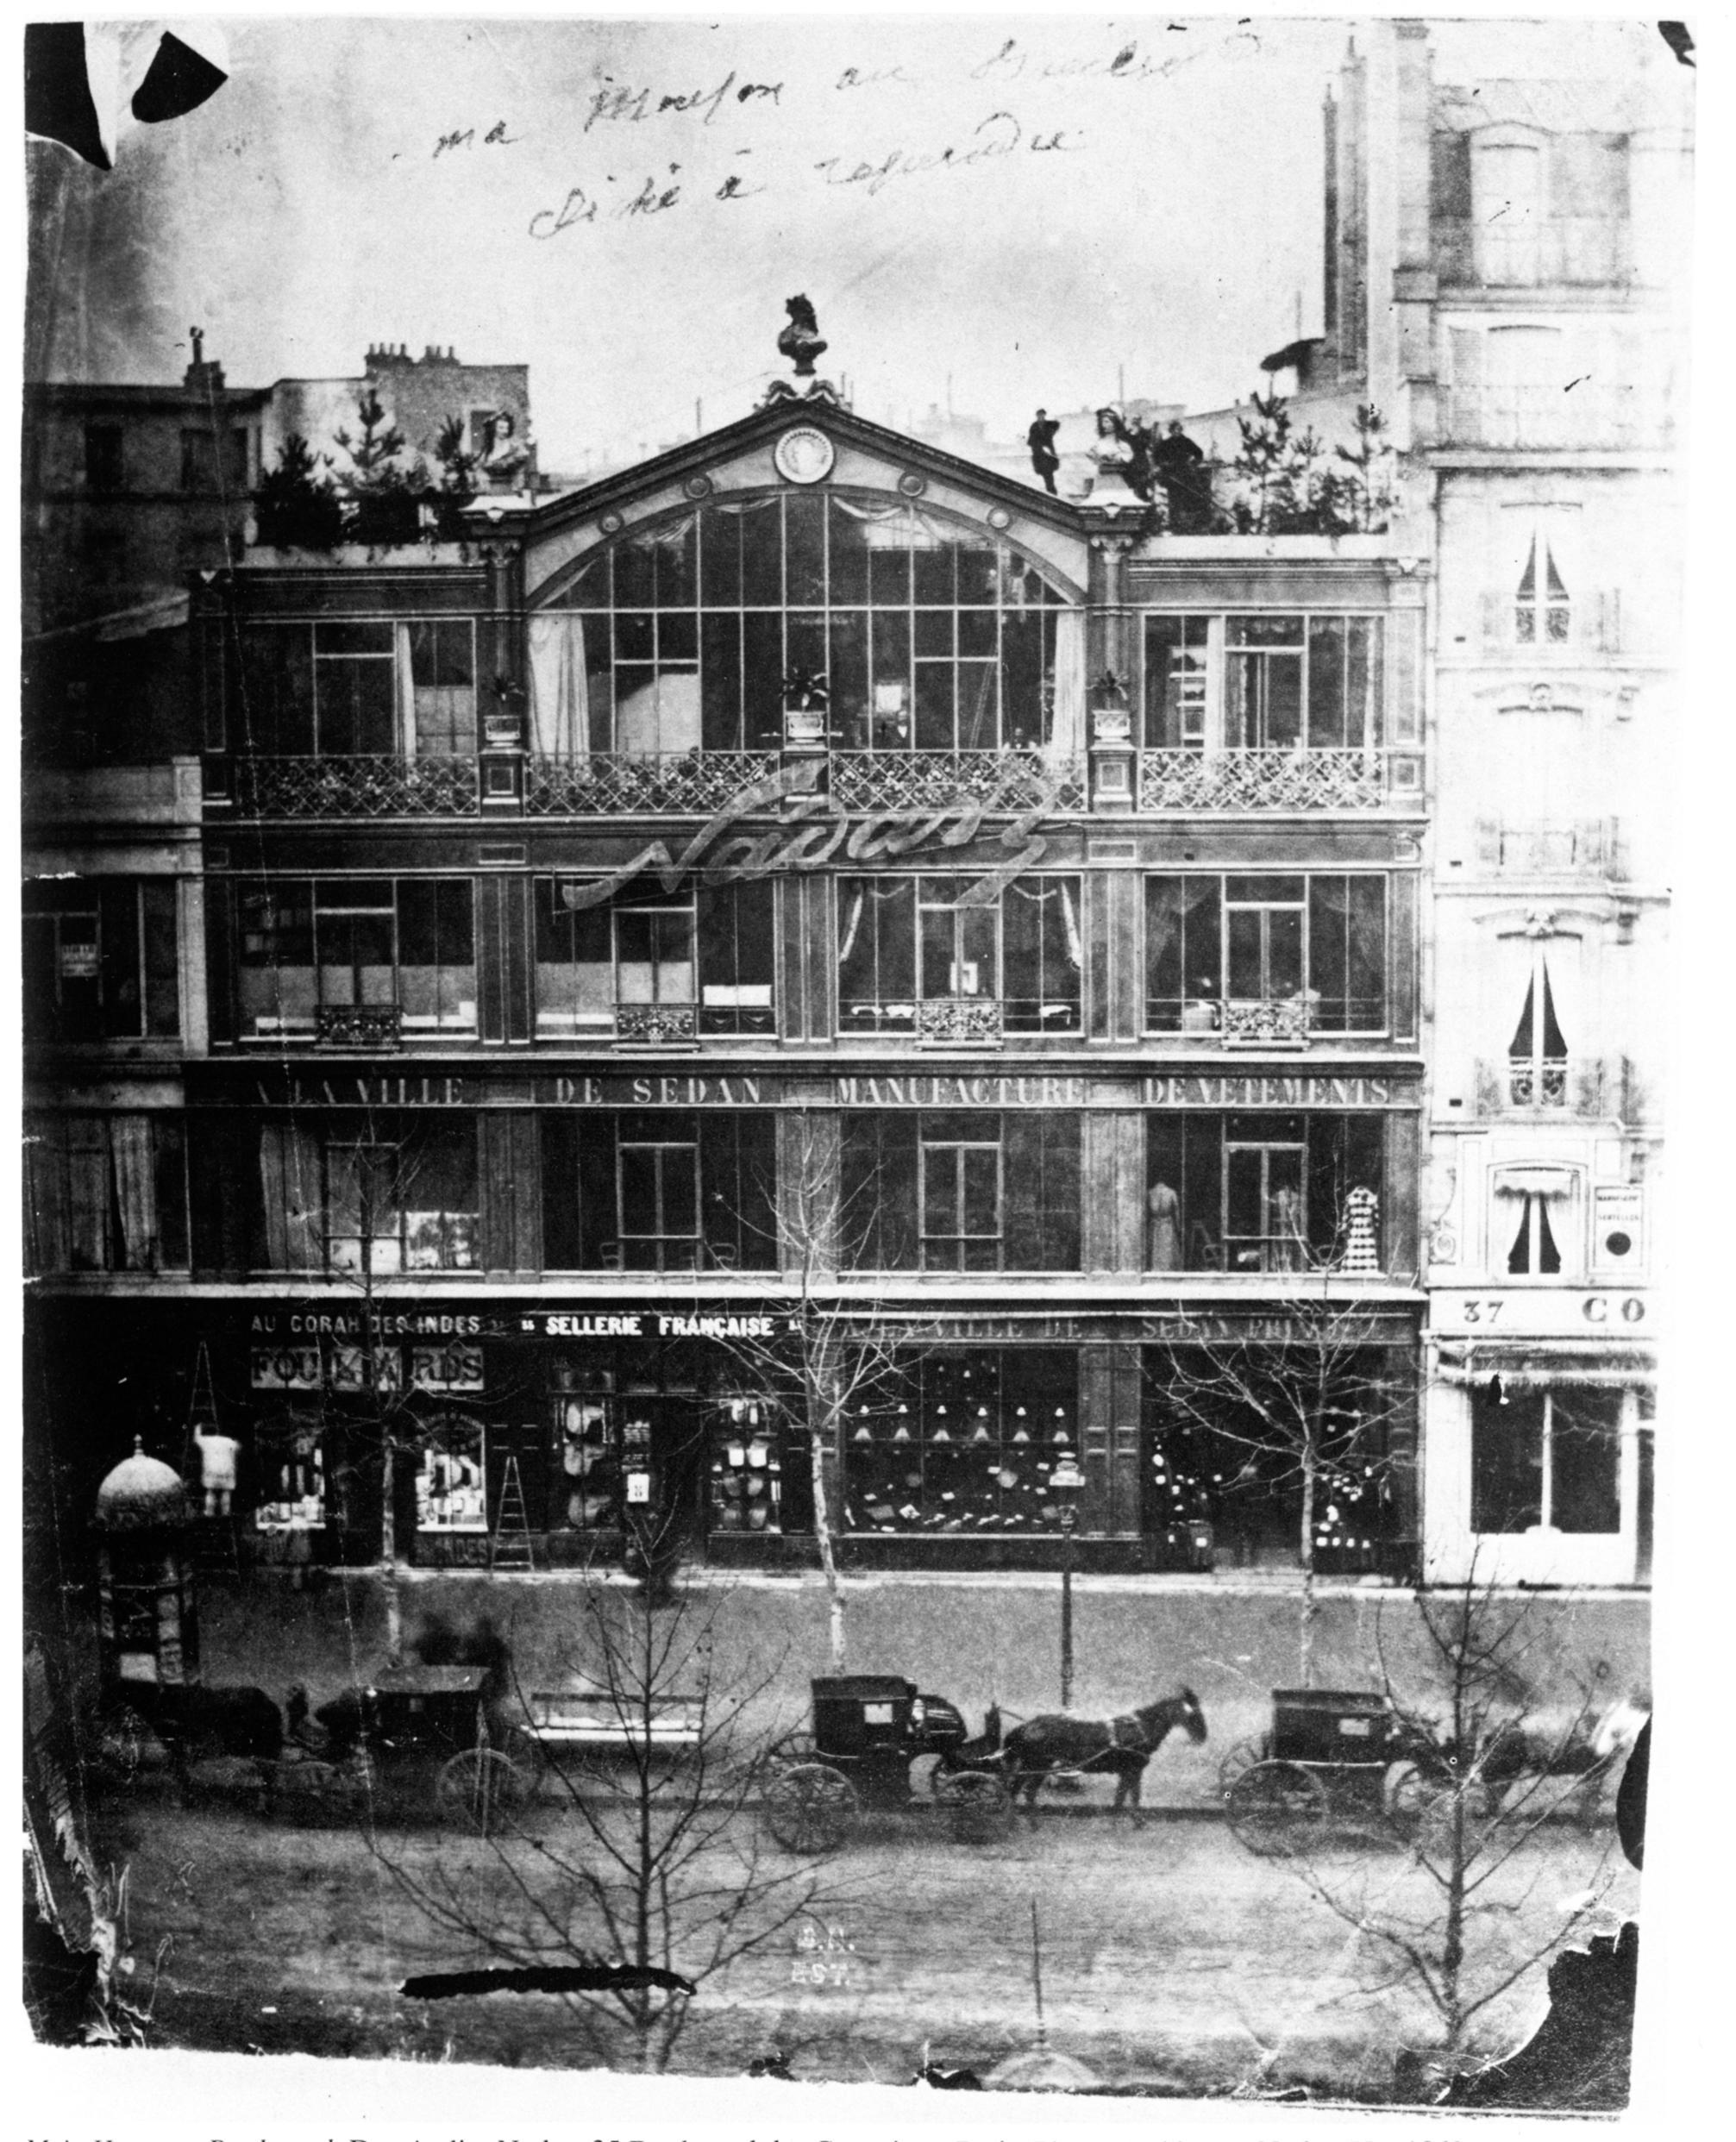 Francais: Atelier Nadar 35 Boulevard Des Capucines, 1860